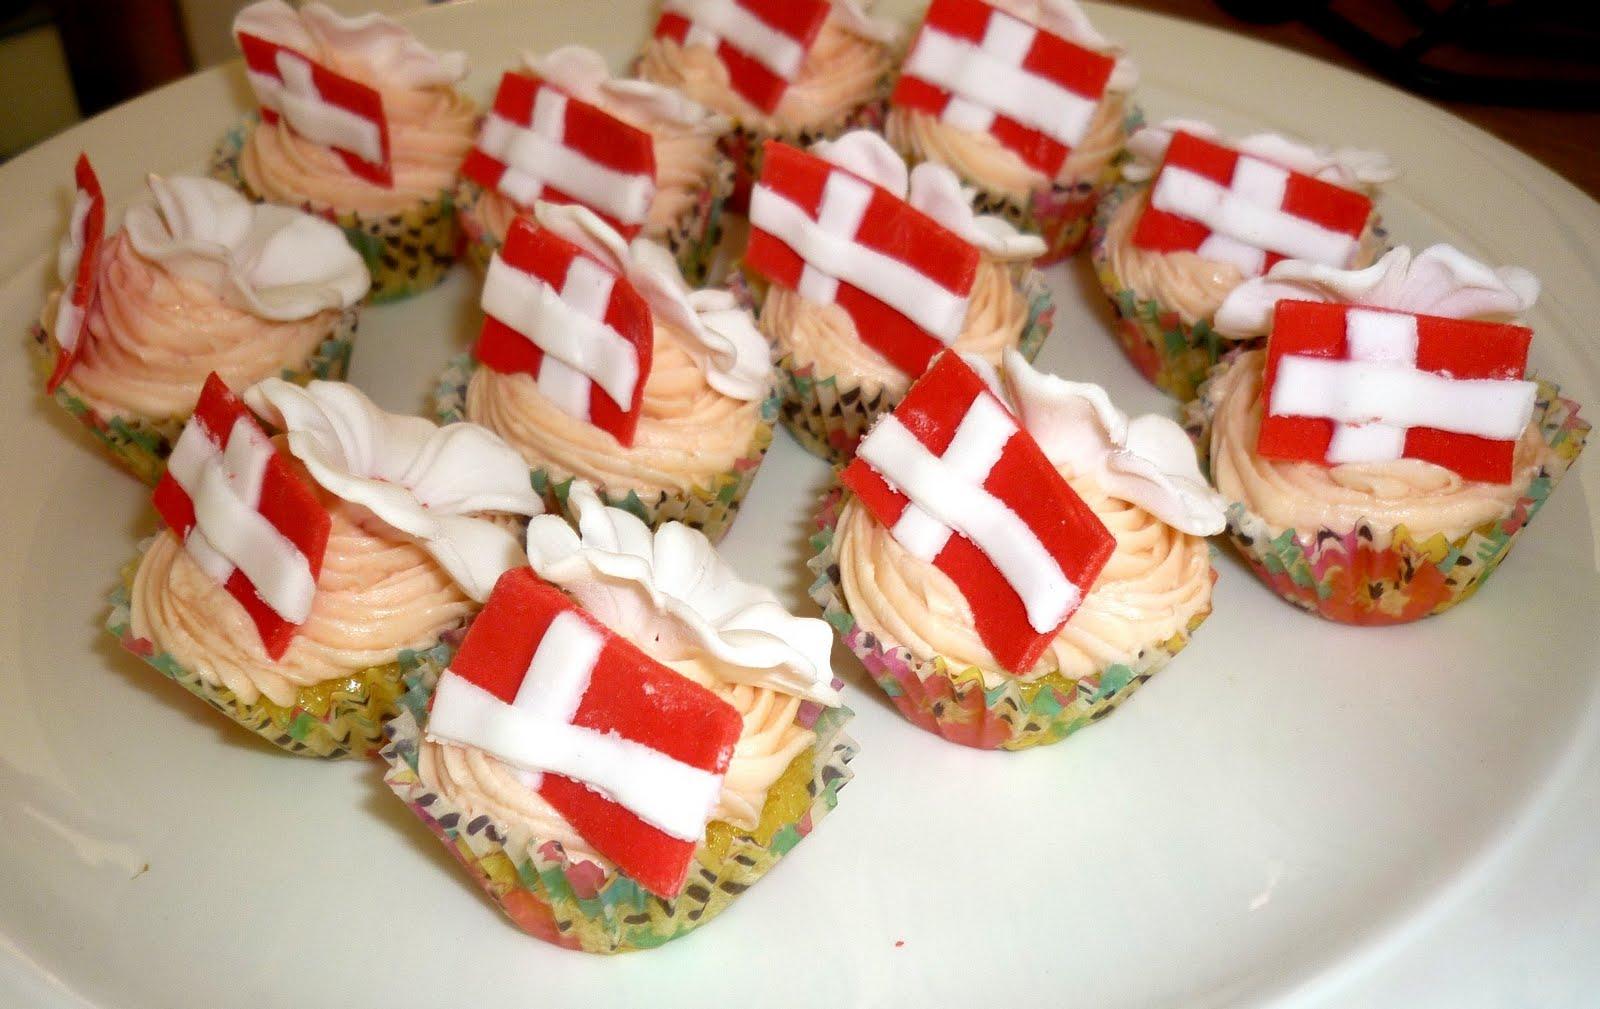 grattis på födelsedagen danska Kakbiten: Danska miniCC grattis på födelsedagen danska